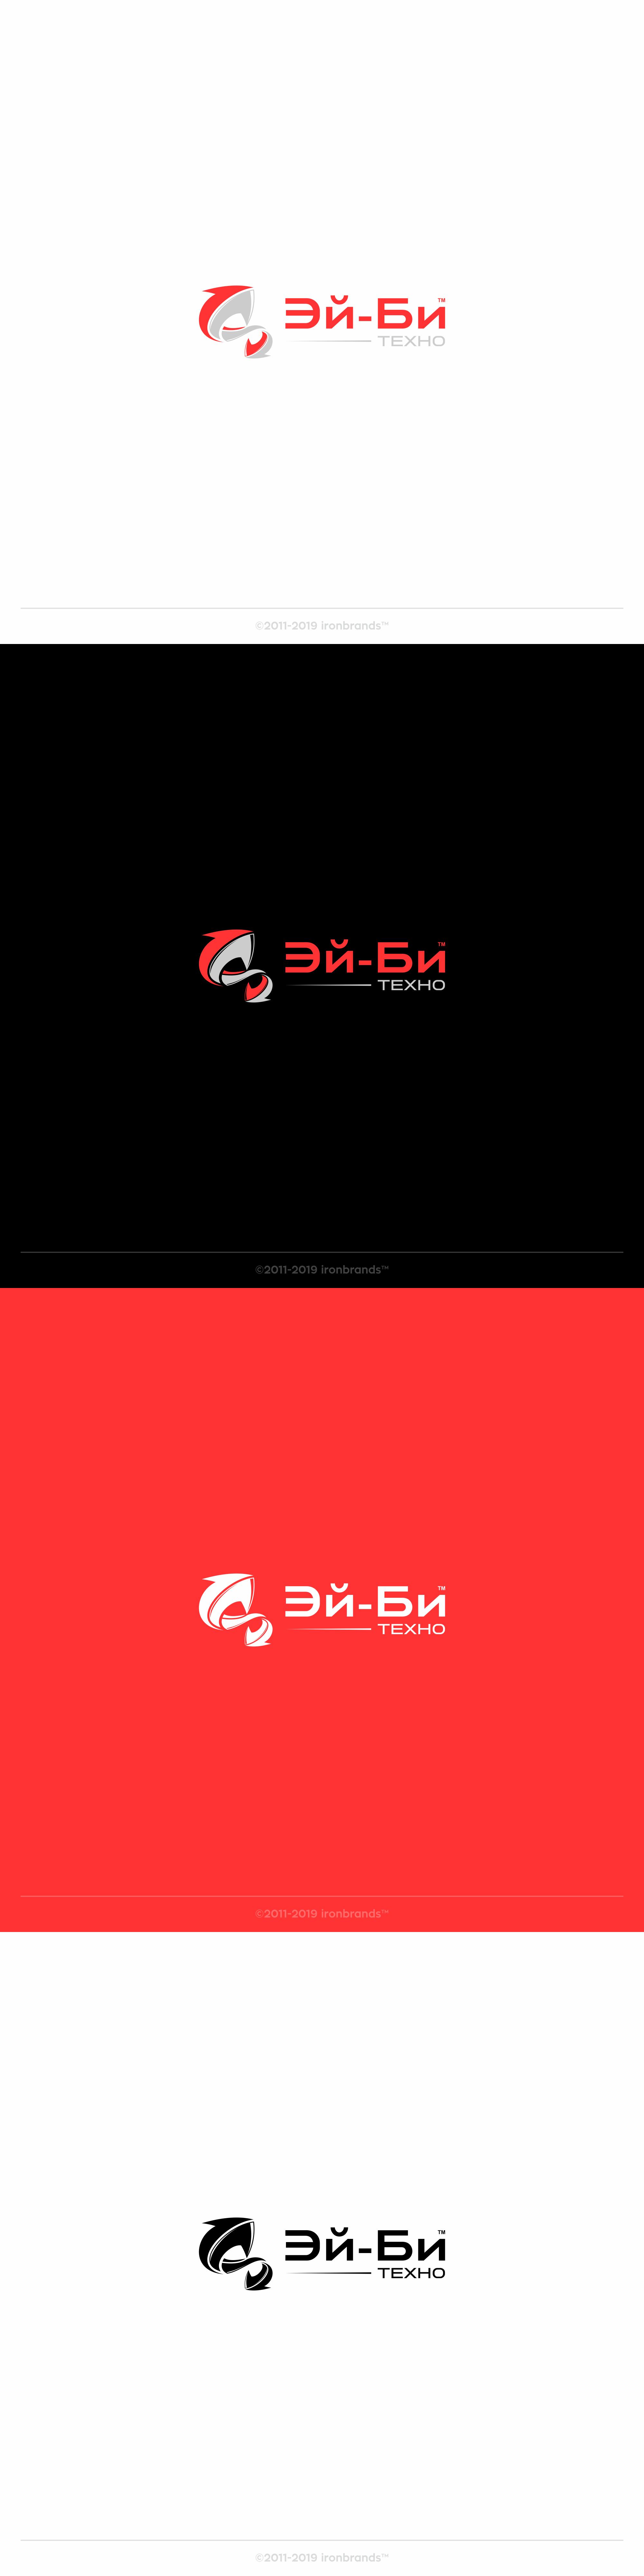 Разработка логотипа и фирменного стиля фото f_8525ce2c6deb1b7d.jpg